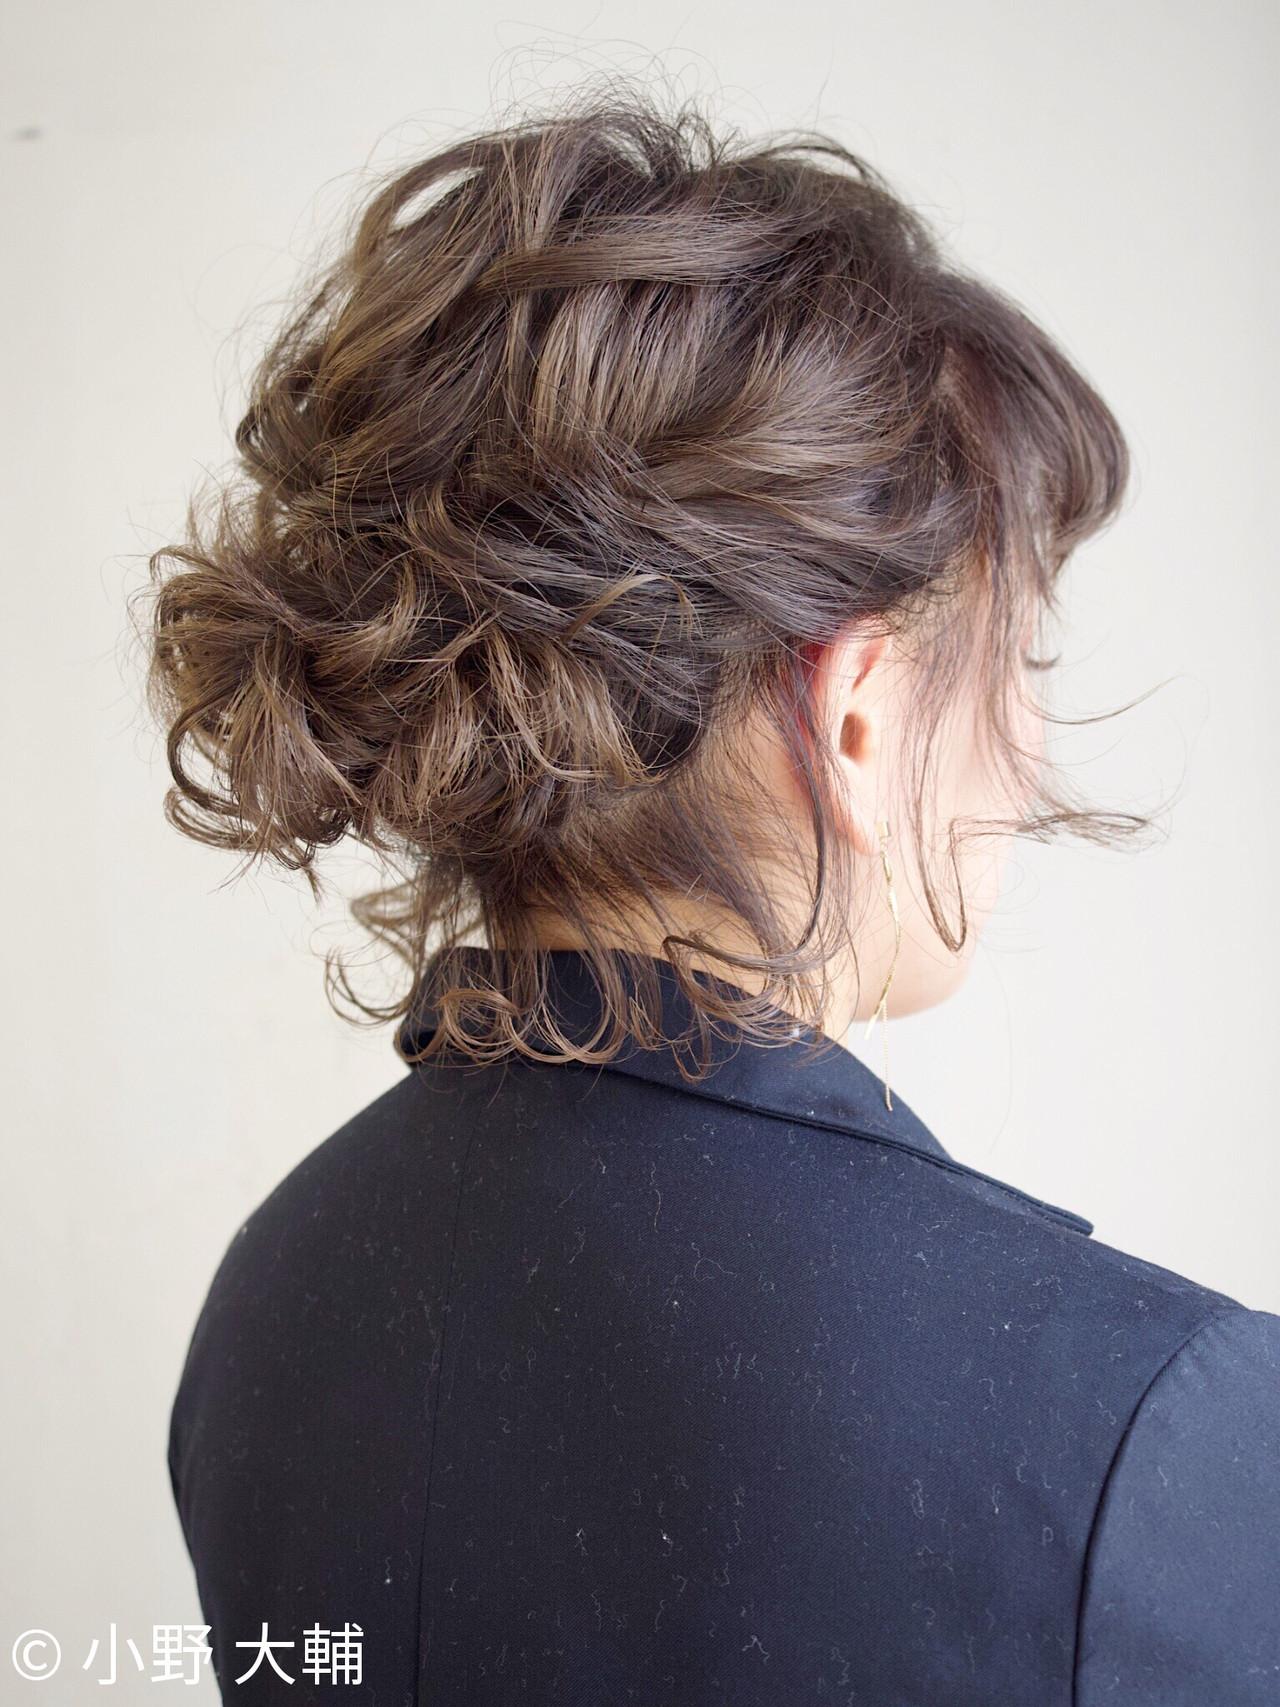 ヘアアレンジ 結婚式 アンニュイほつれヘア ナチュラル ヘアスタイルや髪型の写真・画像